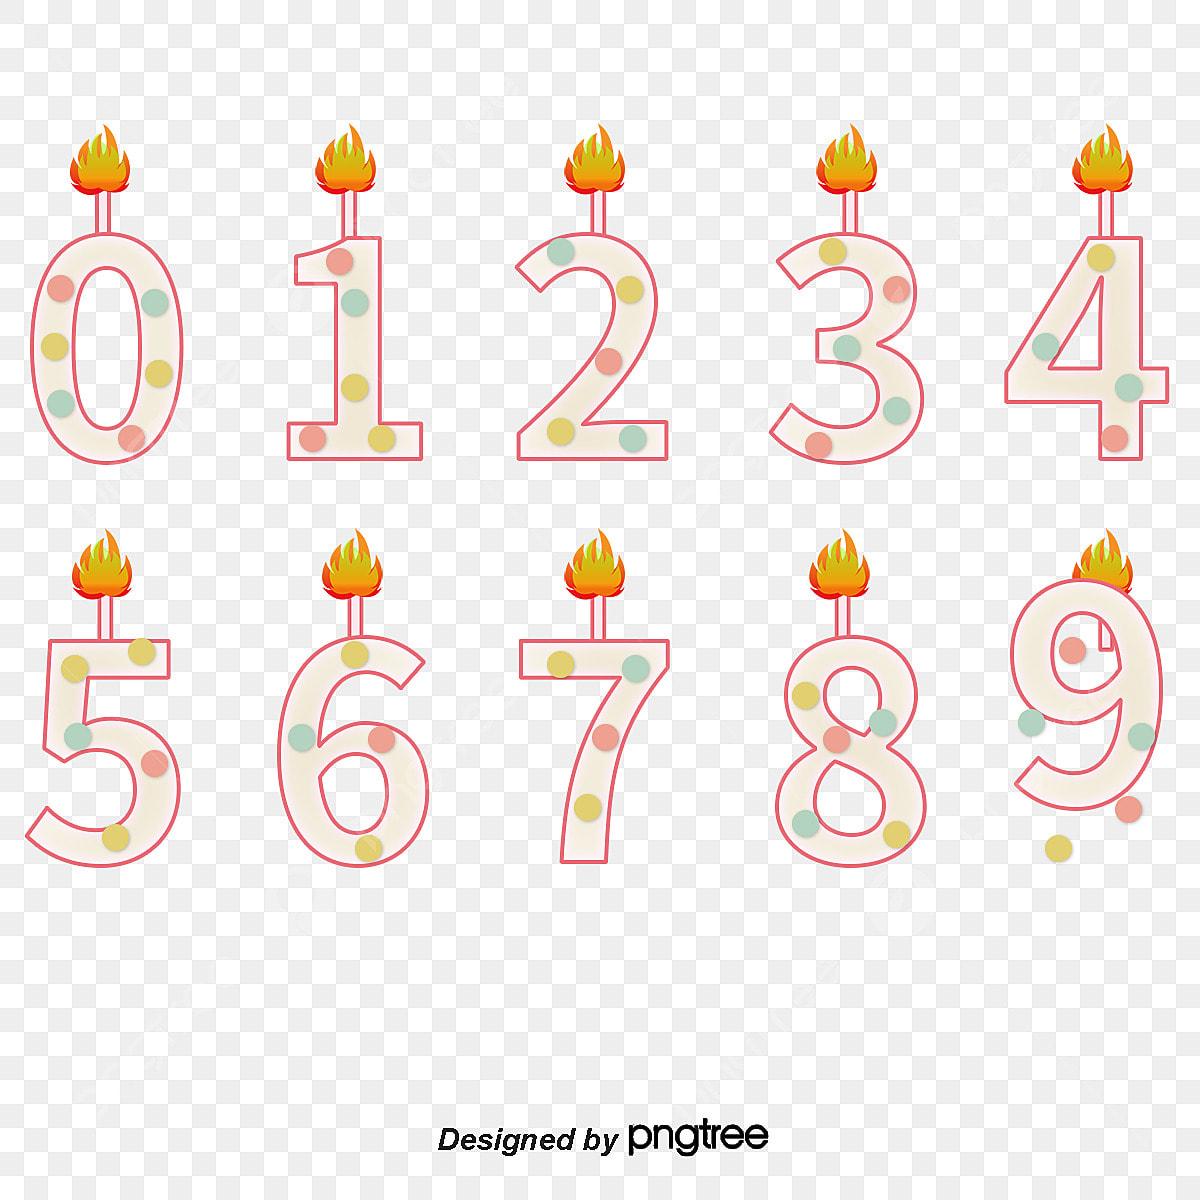 nombre de bougies bougie nombre de bougies jolie bougie fichier png et psd pour le